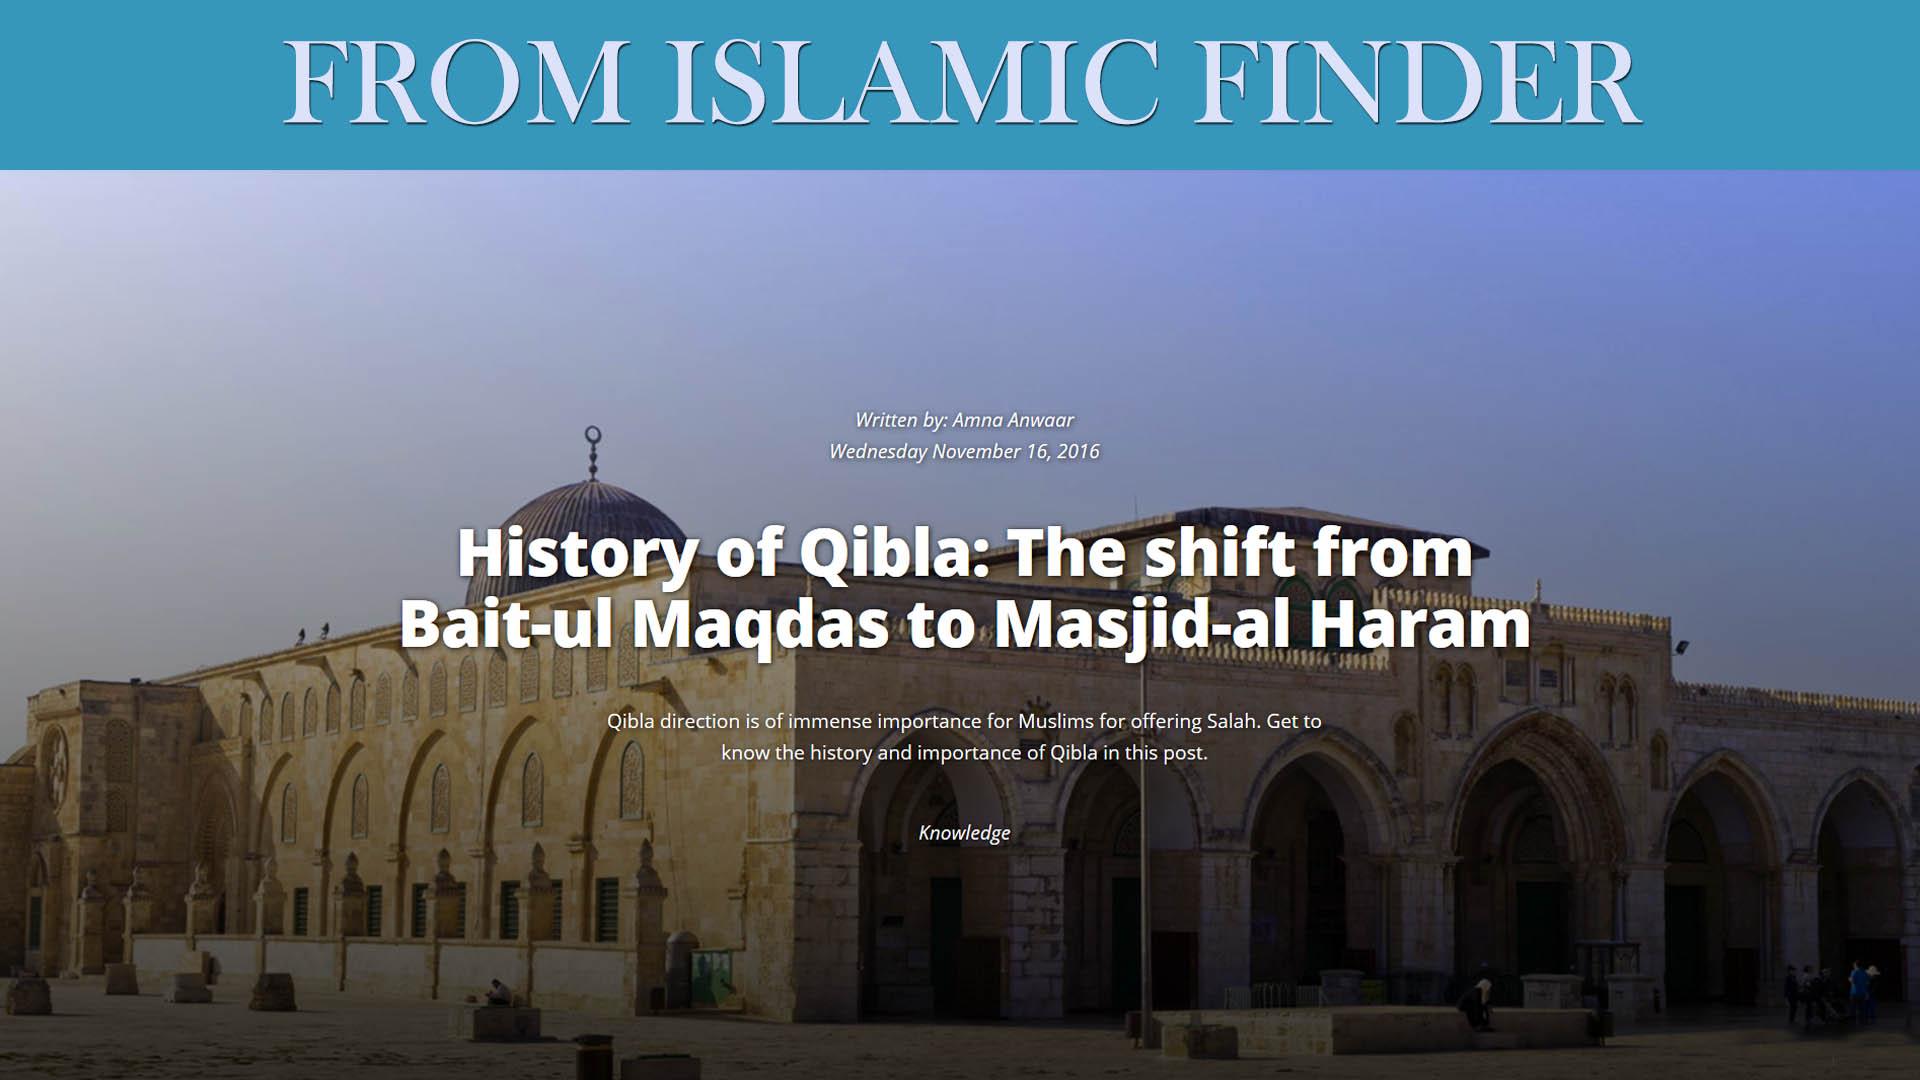 History of Qibla